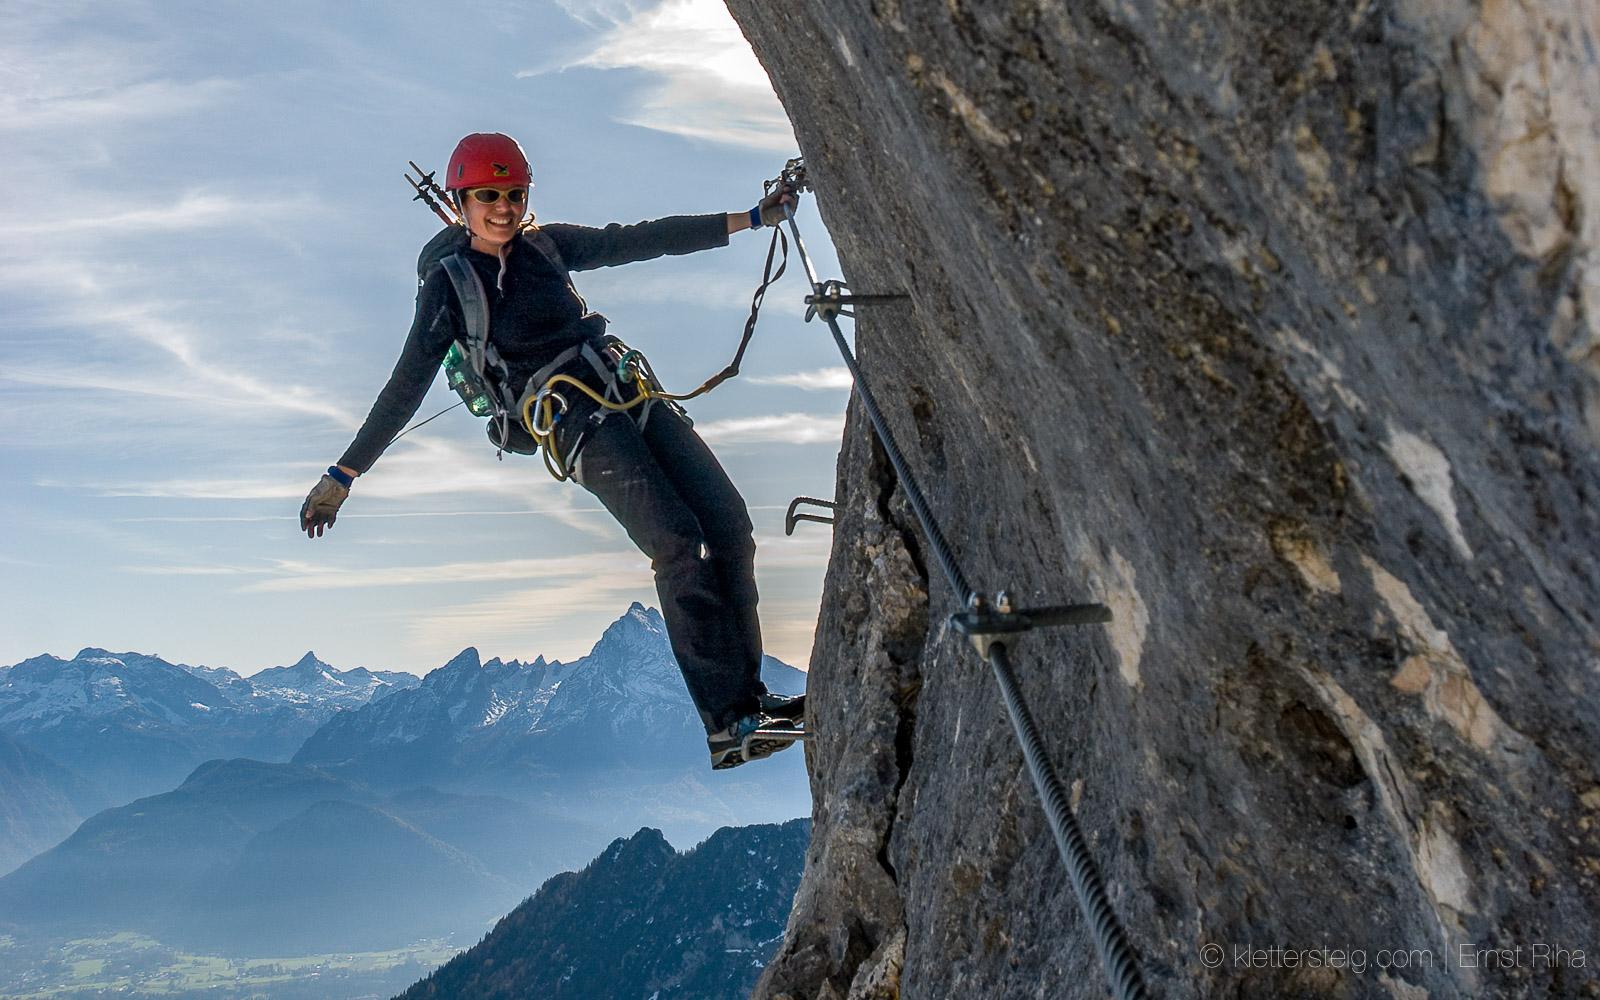 Klettersteig Hochthron : News klettersteige